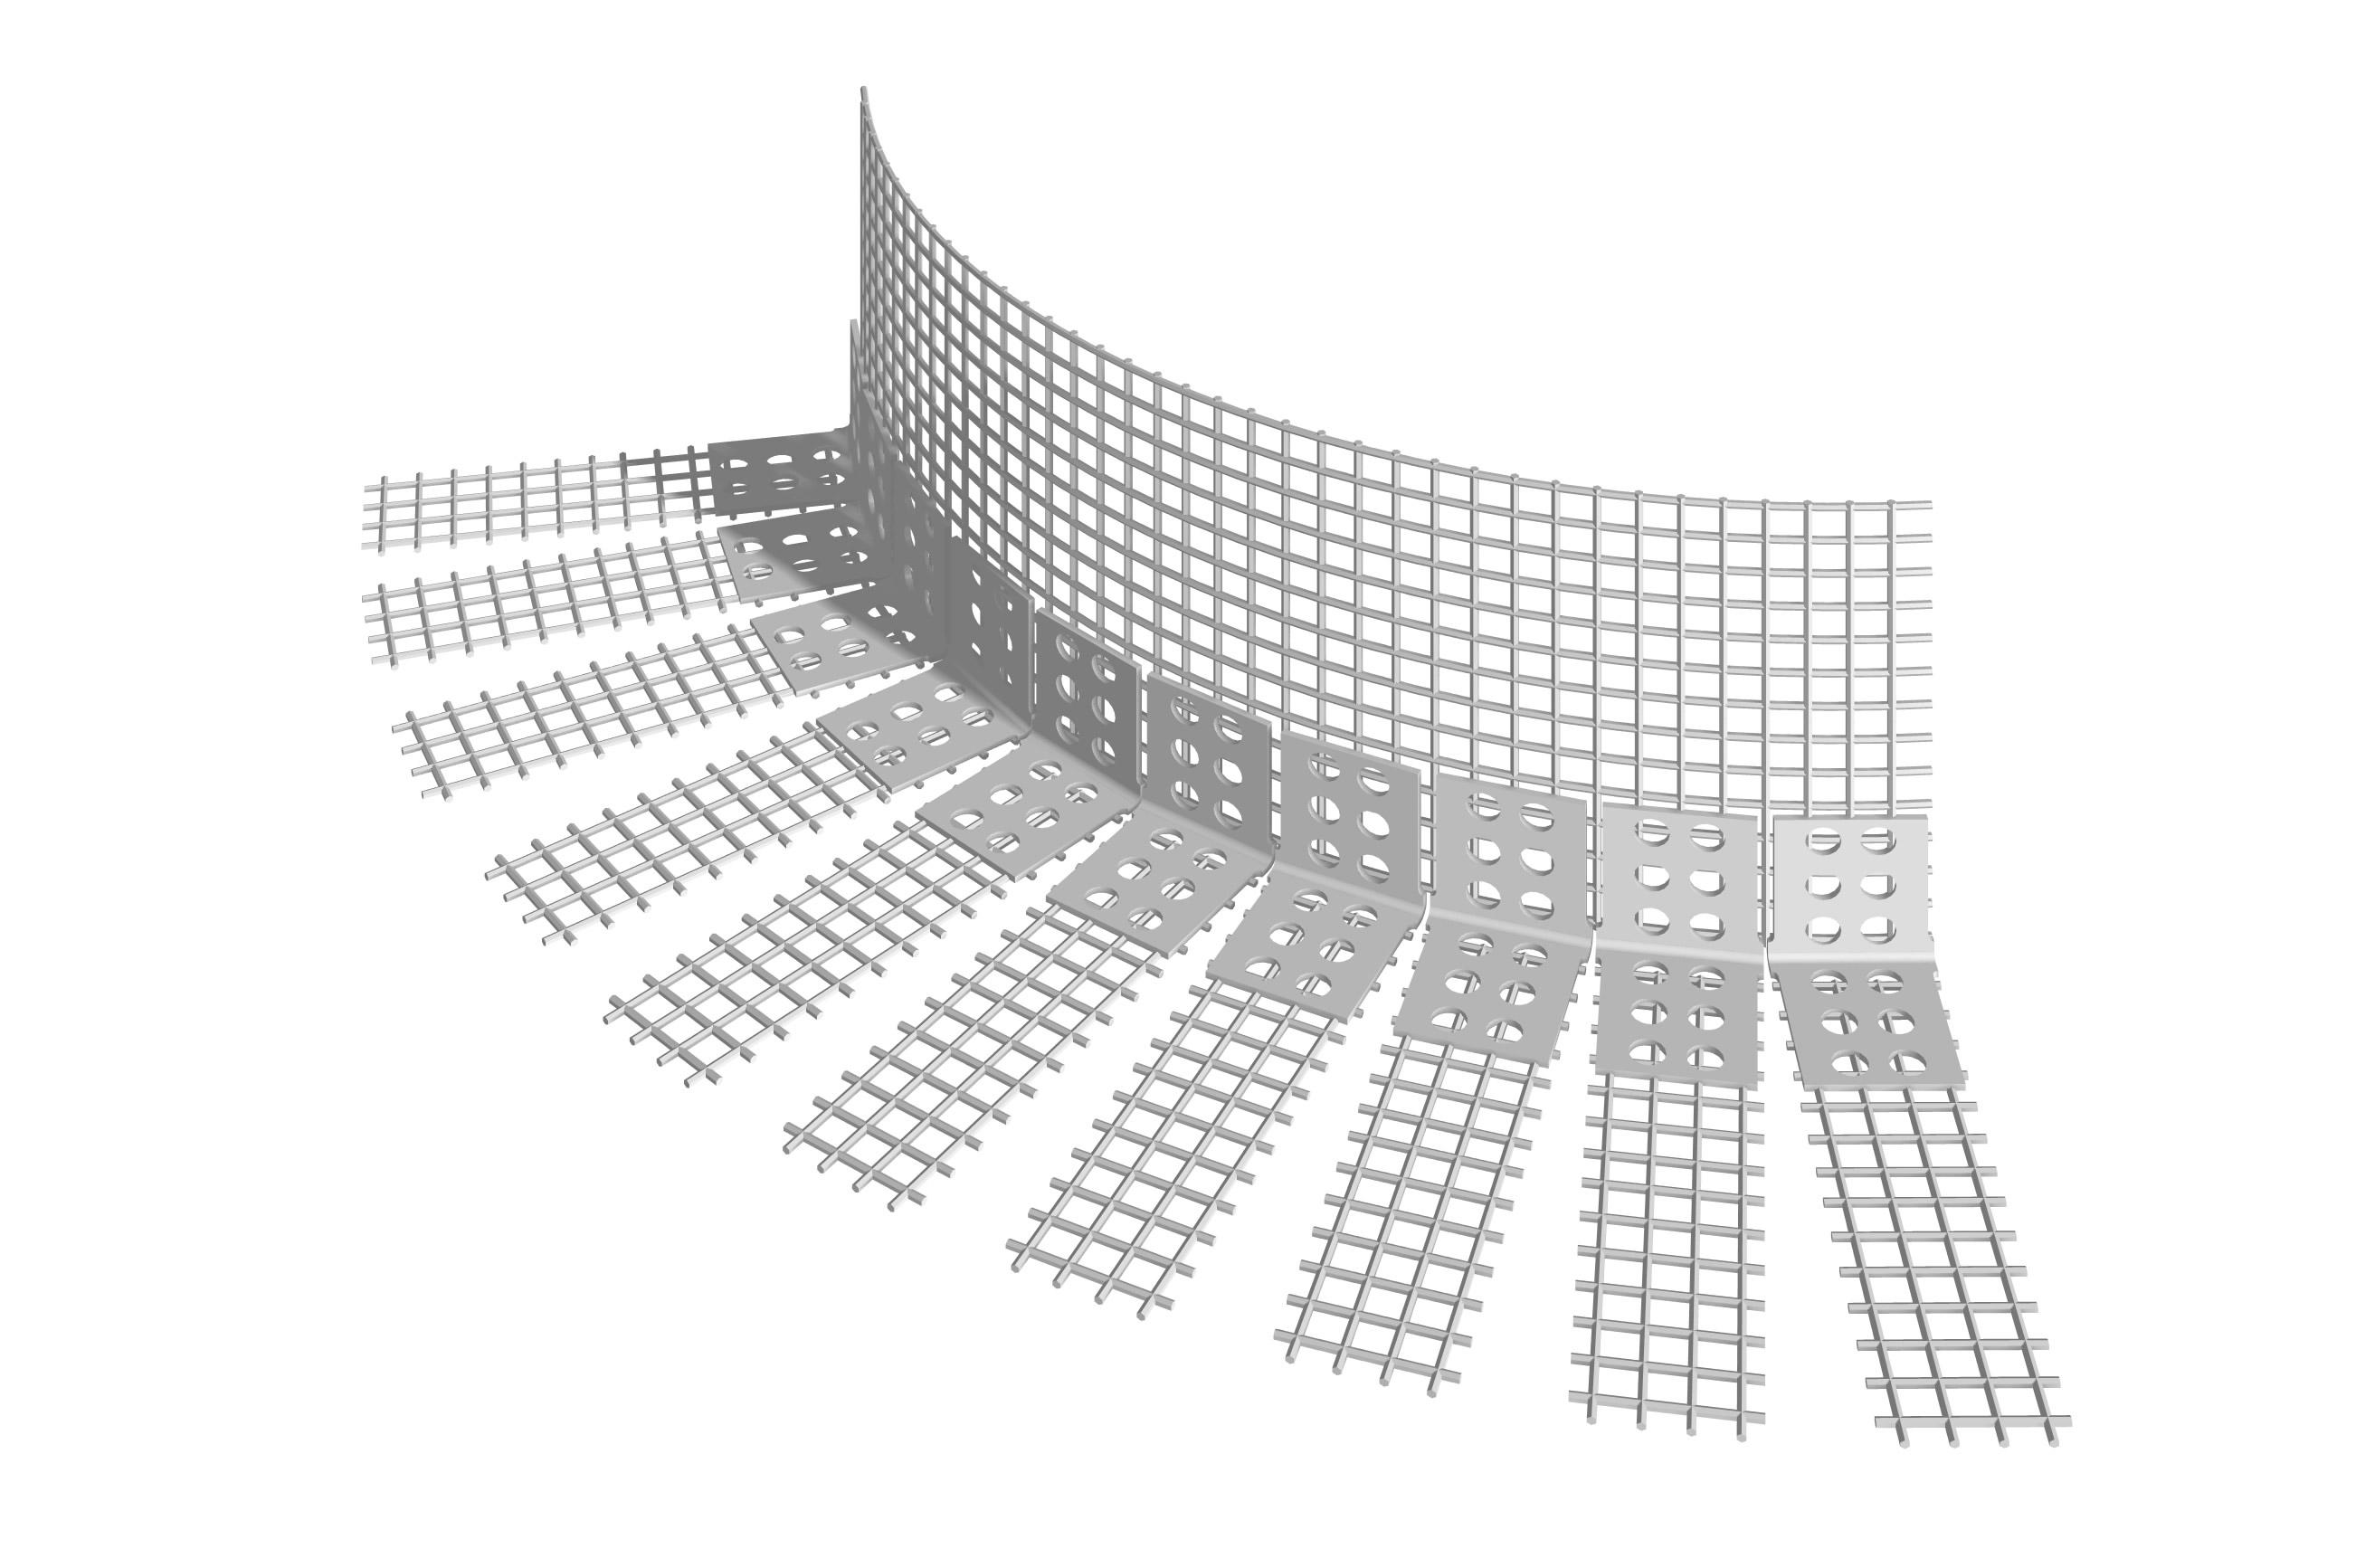 PARASPIGOLO IN PVC PER ARCO: Paraspigolo in PVC con rete in fibra di vetro preincollata per arco